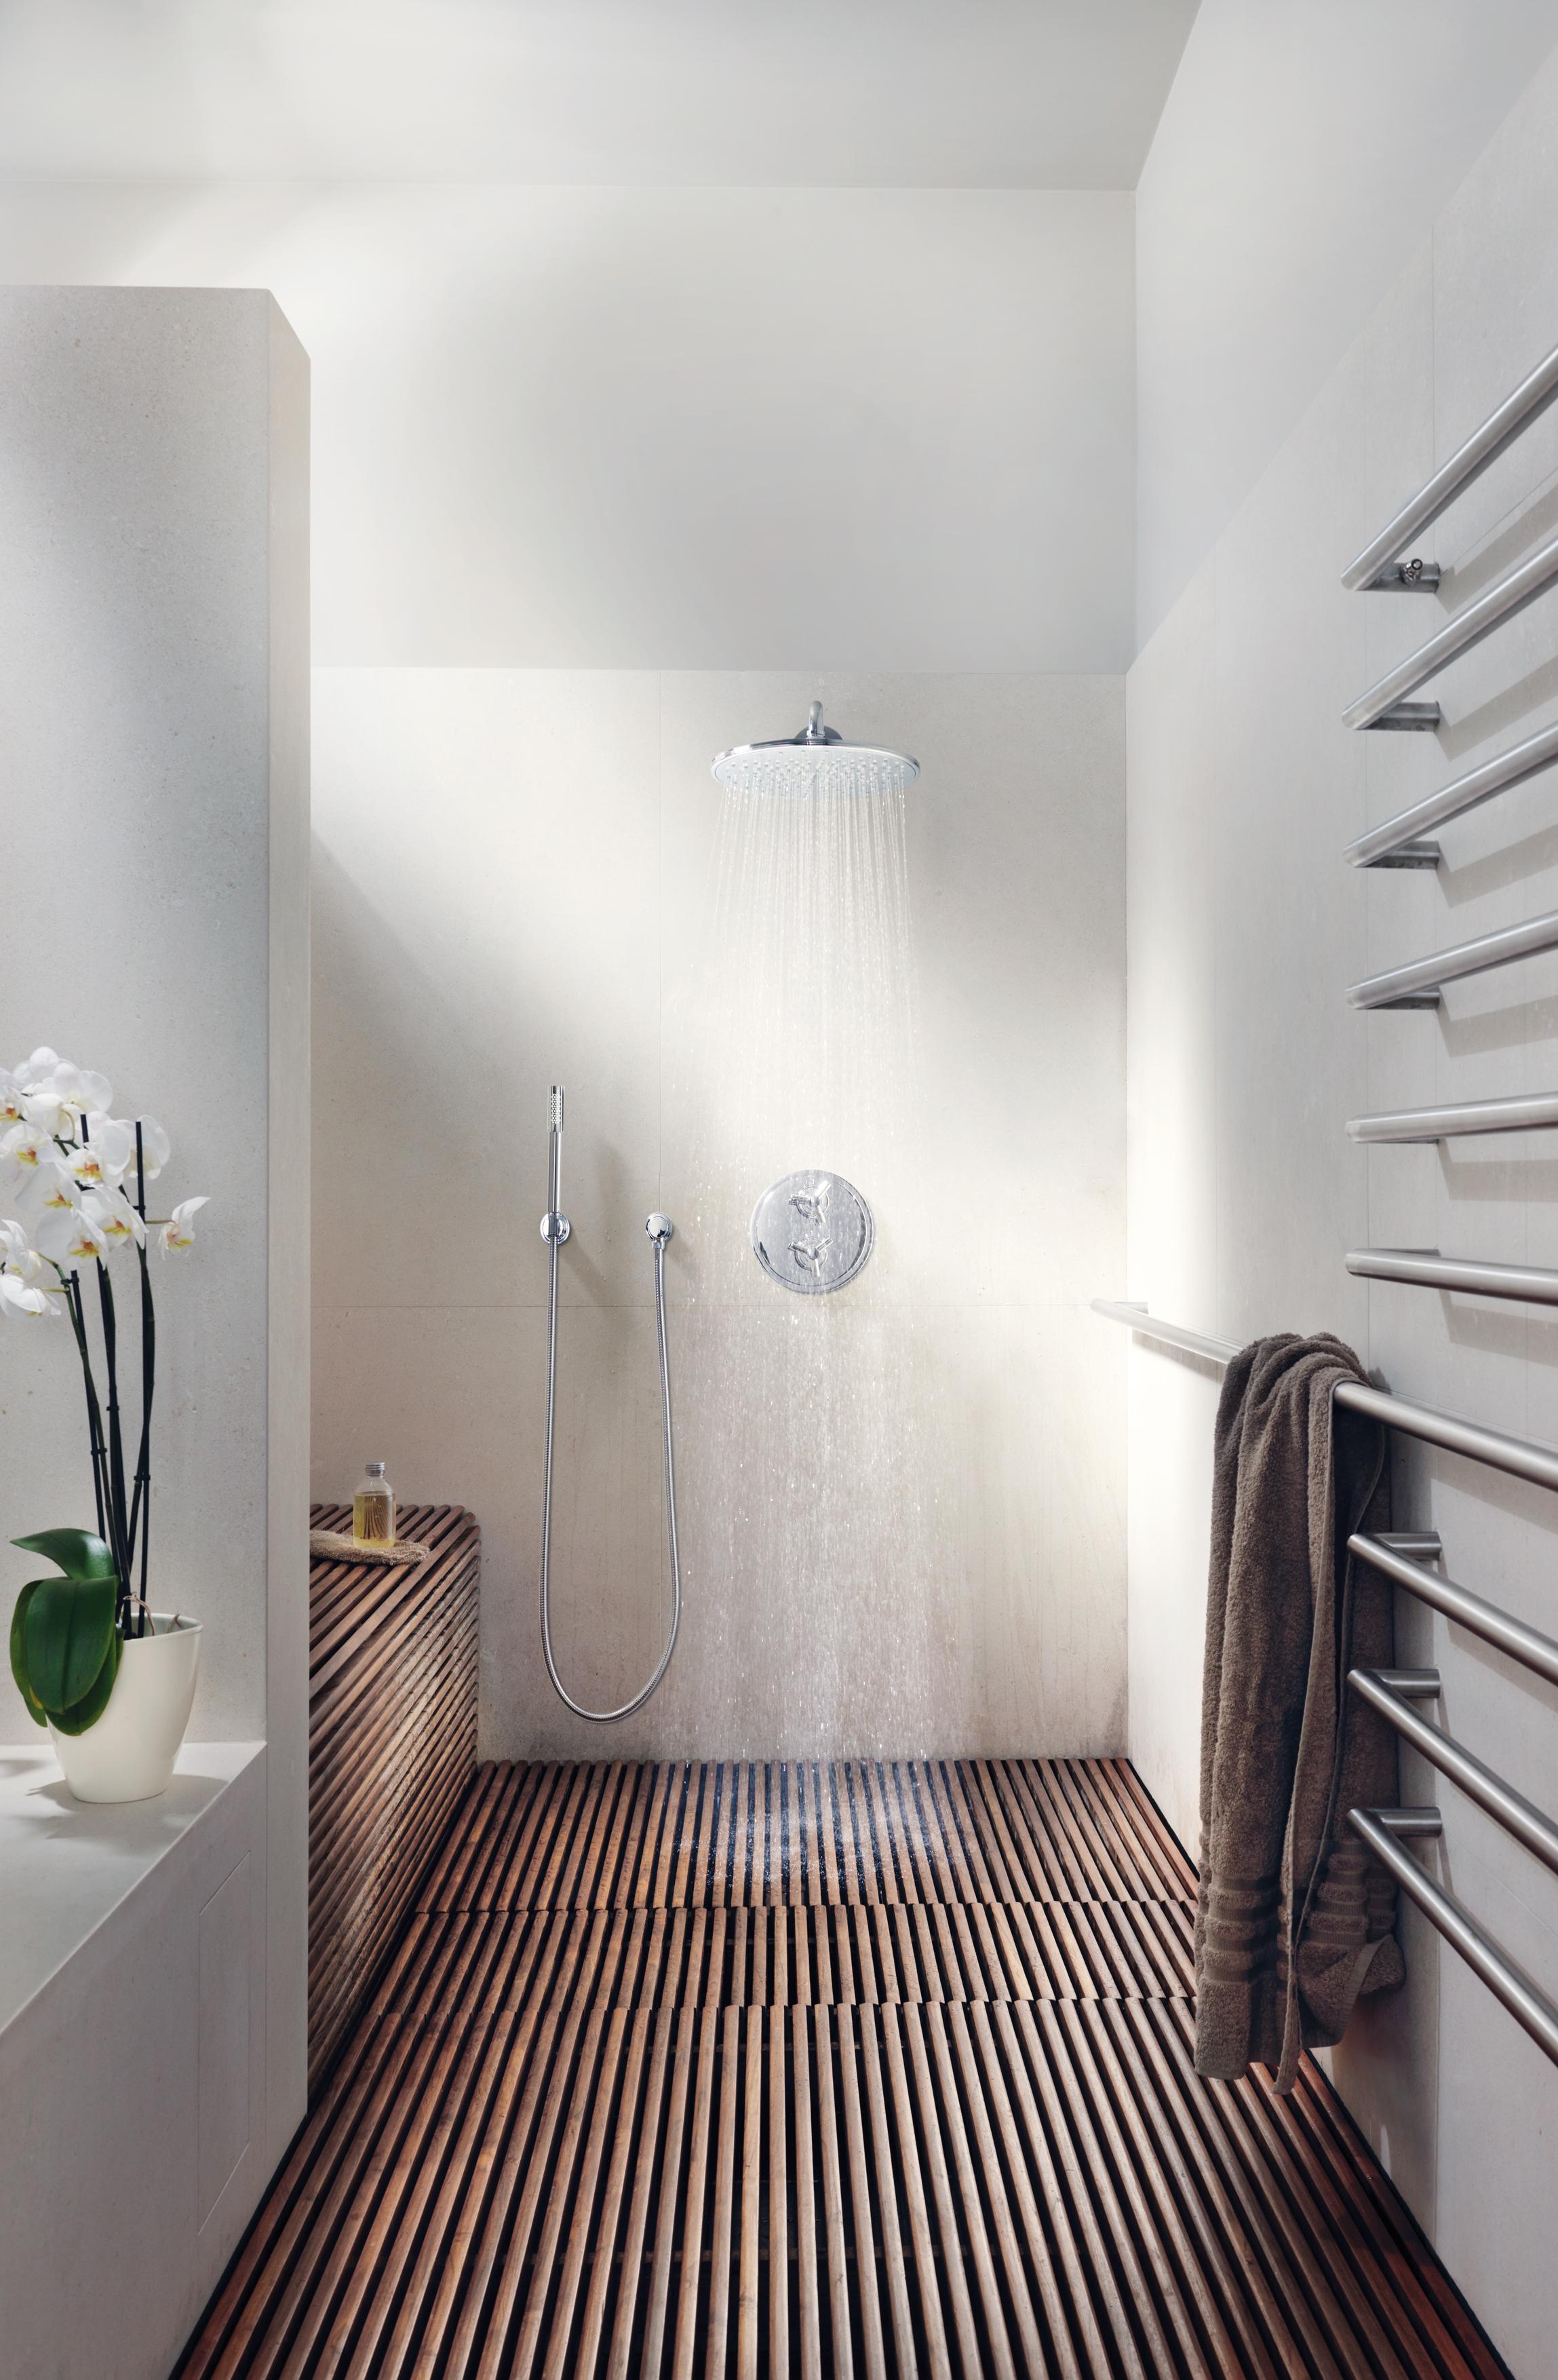 mijn droomhuis de badkamer eenig wonen